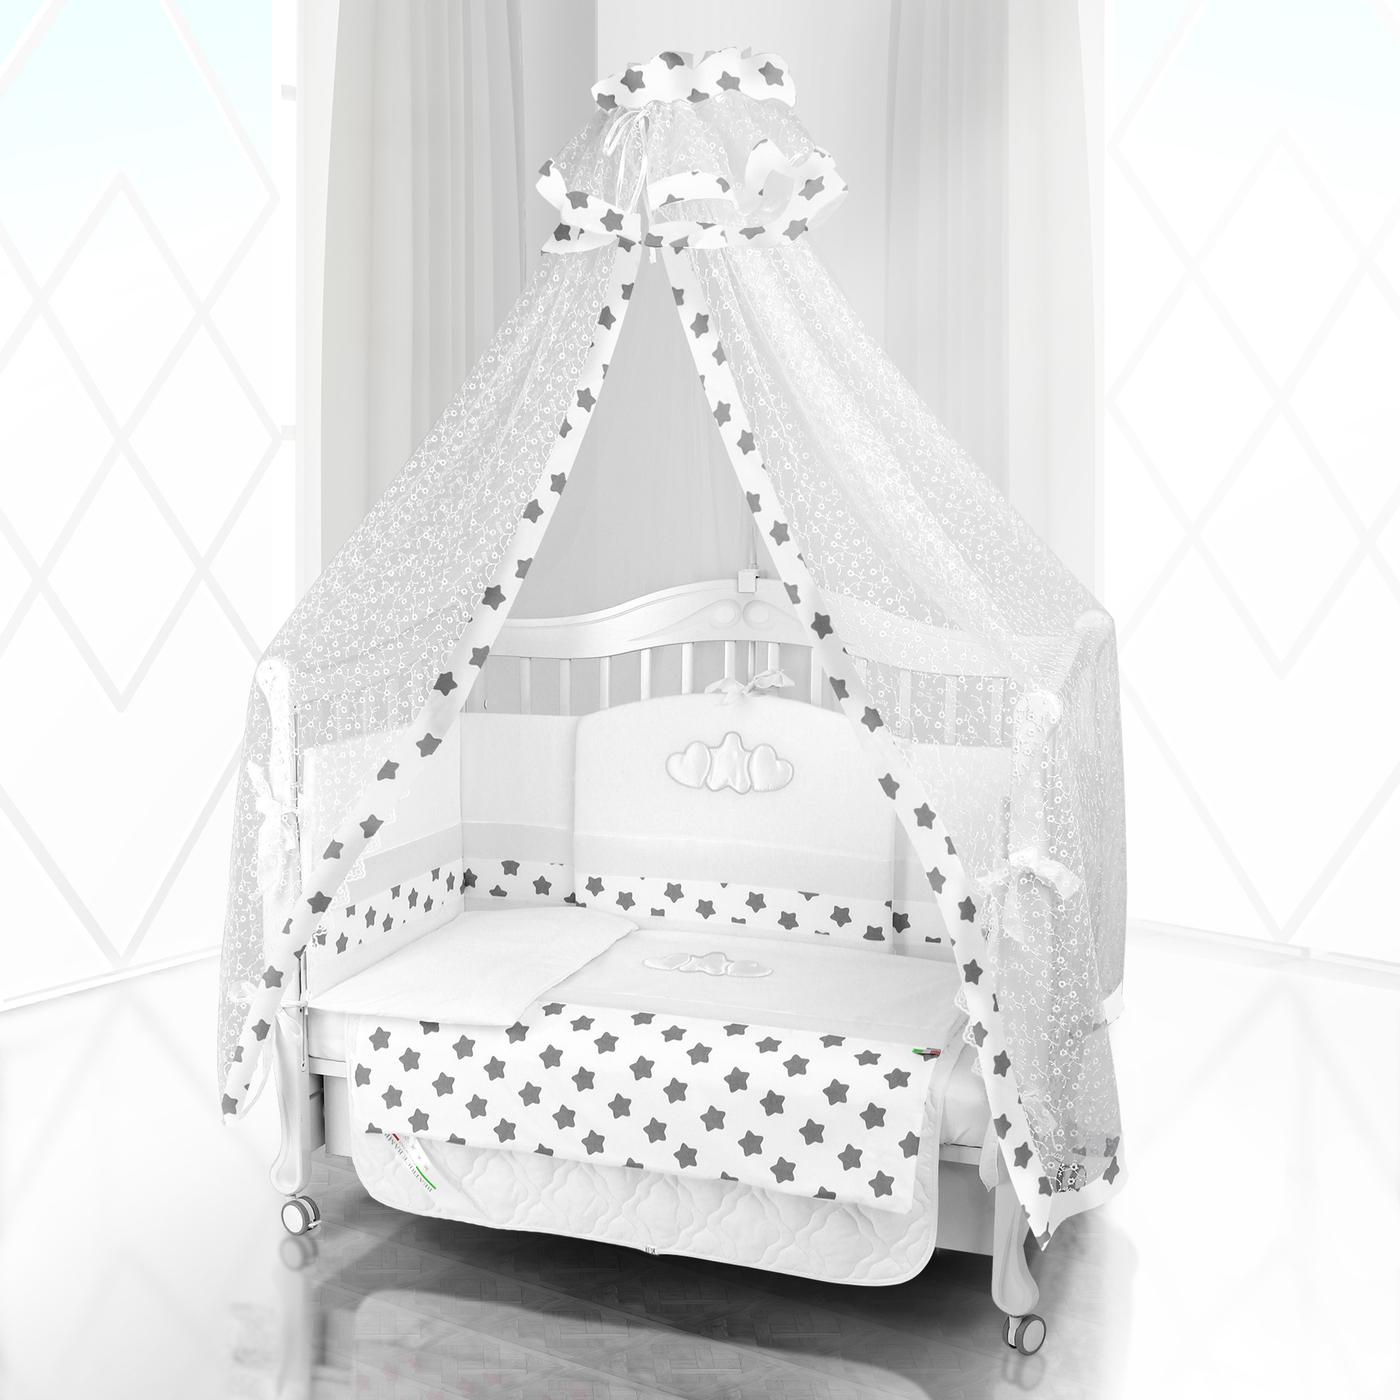 Комплект постельного белья Beatrice Bambini Unico Grande Stella (125х65) - bianco& bianco& grigio